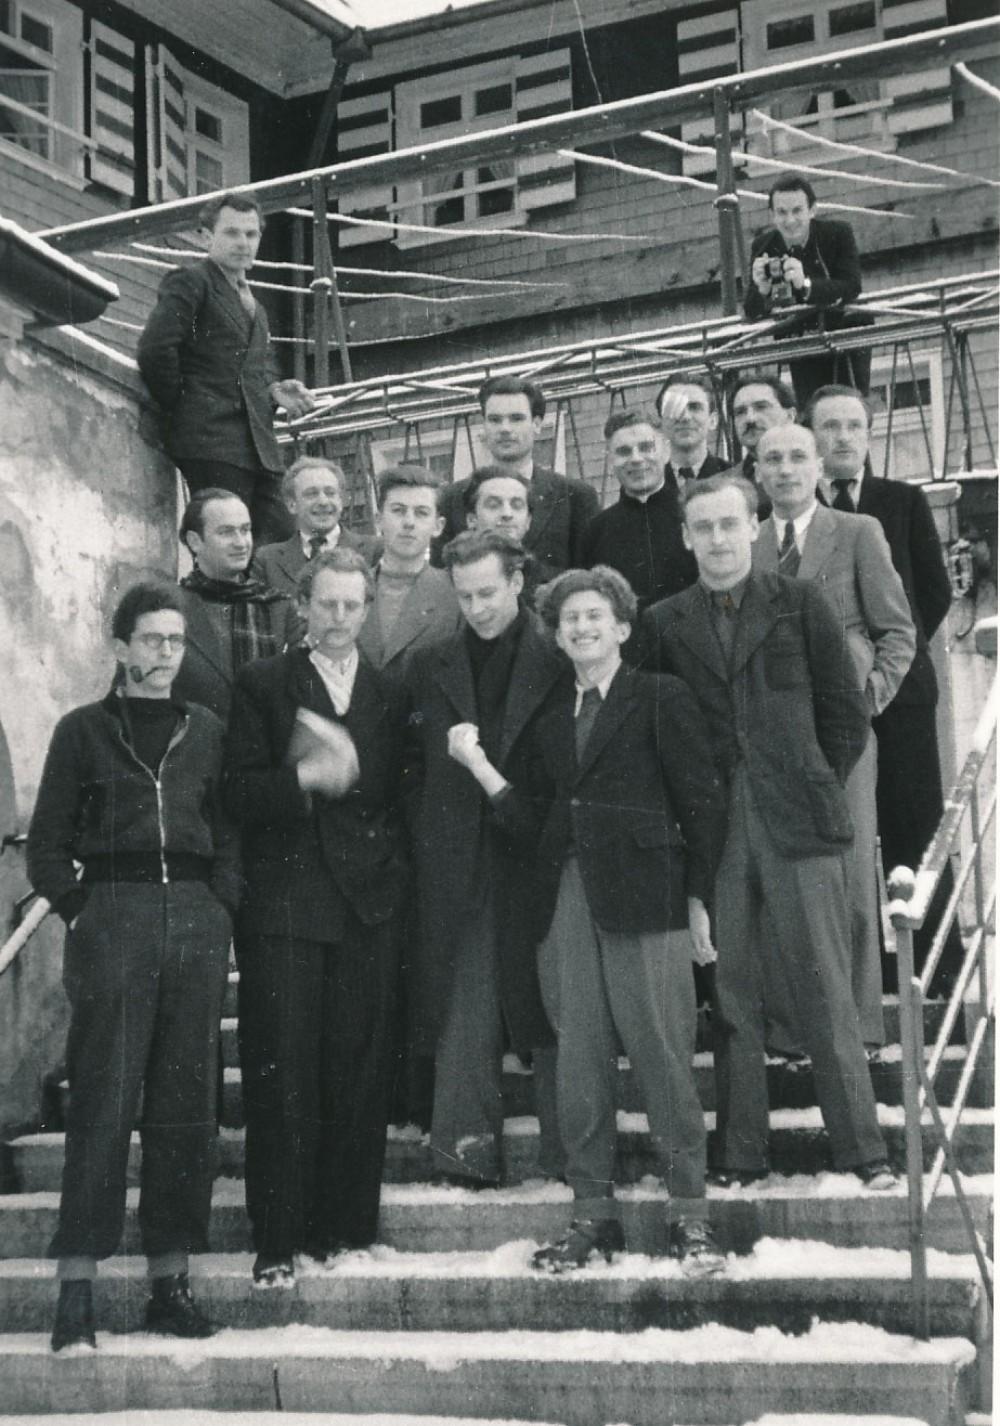 Freiburgo Meno ir amatų mokyklos studentai. J. Kaupas – I-oje eilėje antras iš kairės. Lindenberg, 1949 m.